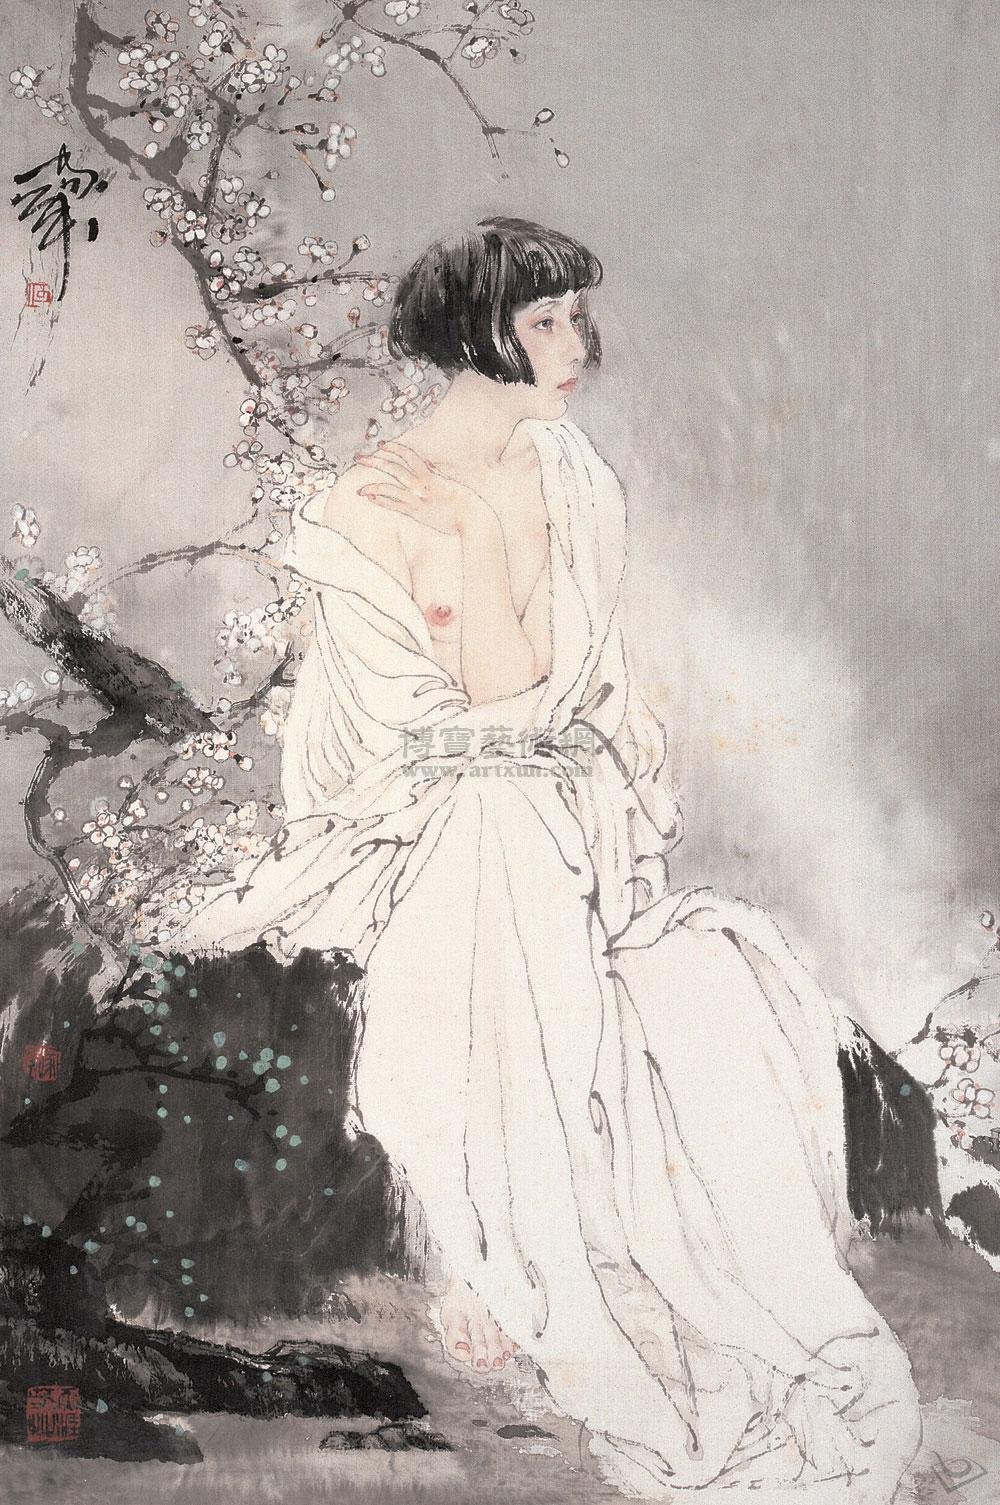 人体画名家何家英 - 月色荷影 - 呼唤远古的风